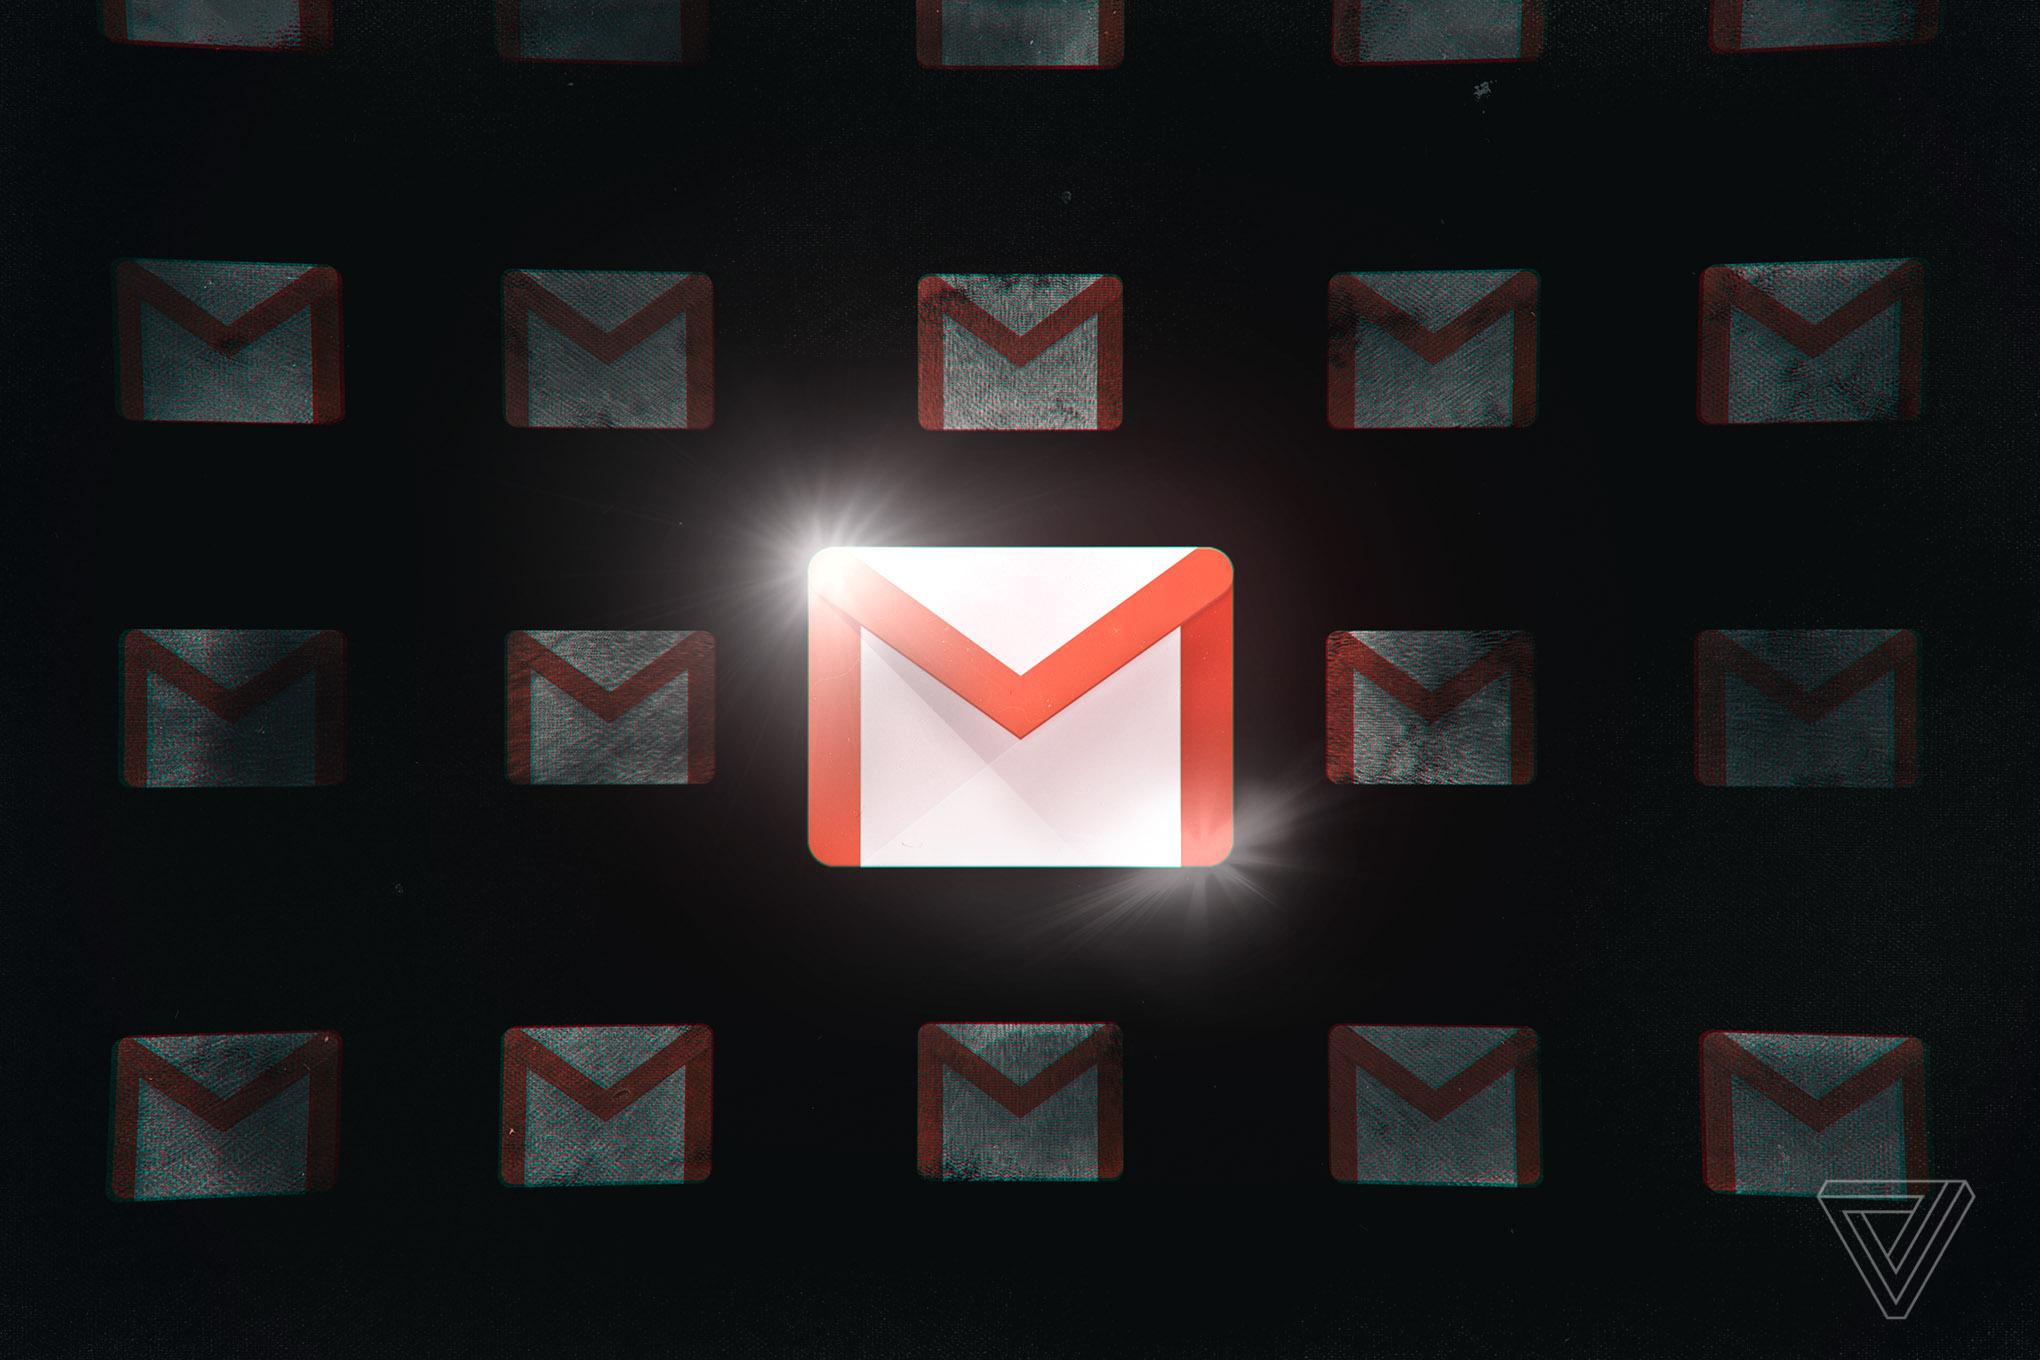 Nhân sinh nhật thứ 15, Gmail bổ sung tuỳ chọn hẹn giờ gửi, nâng cấp tính năng Soạn thư thông minh